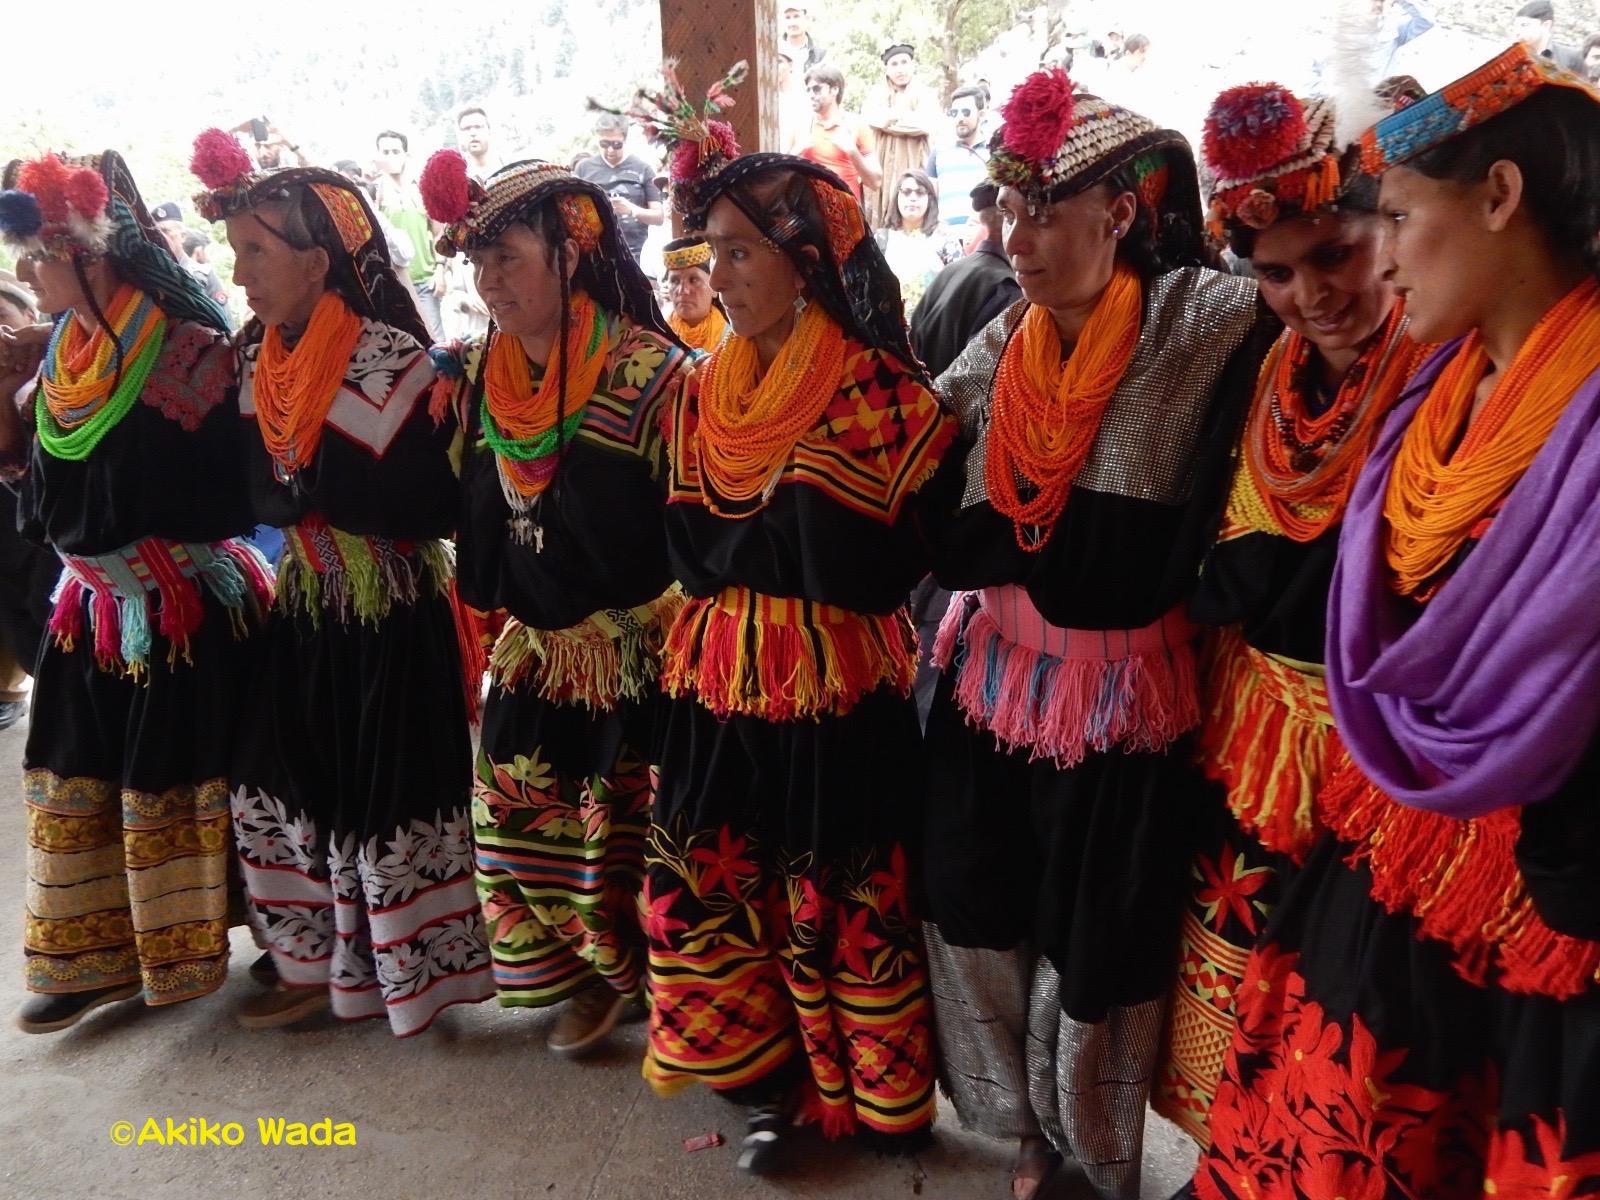 中央の円陣が歌う御詠歌のような歌に合わせて、女性たちは横並びになって踊る。